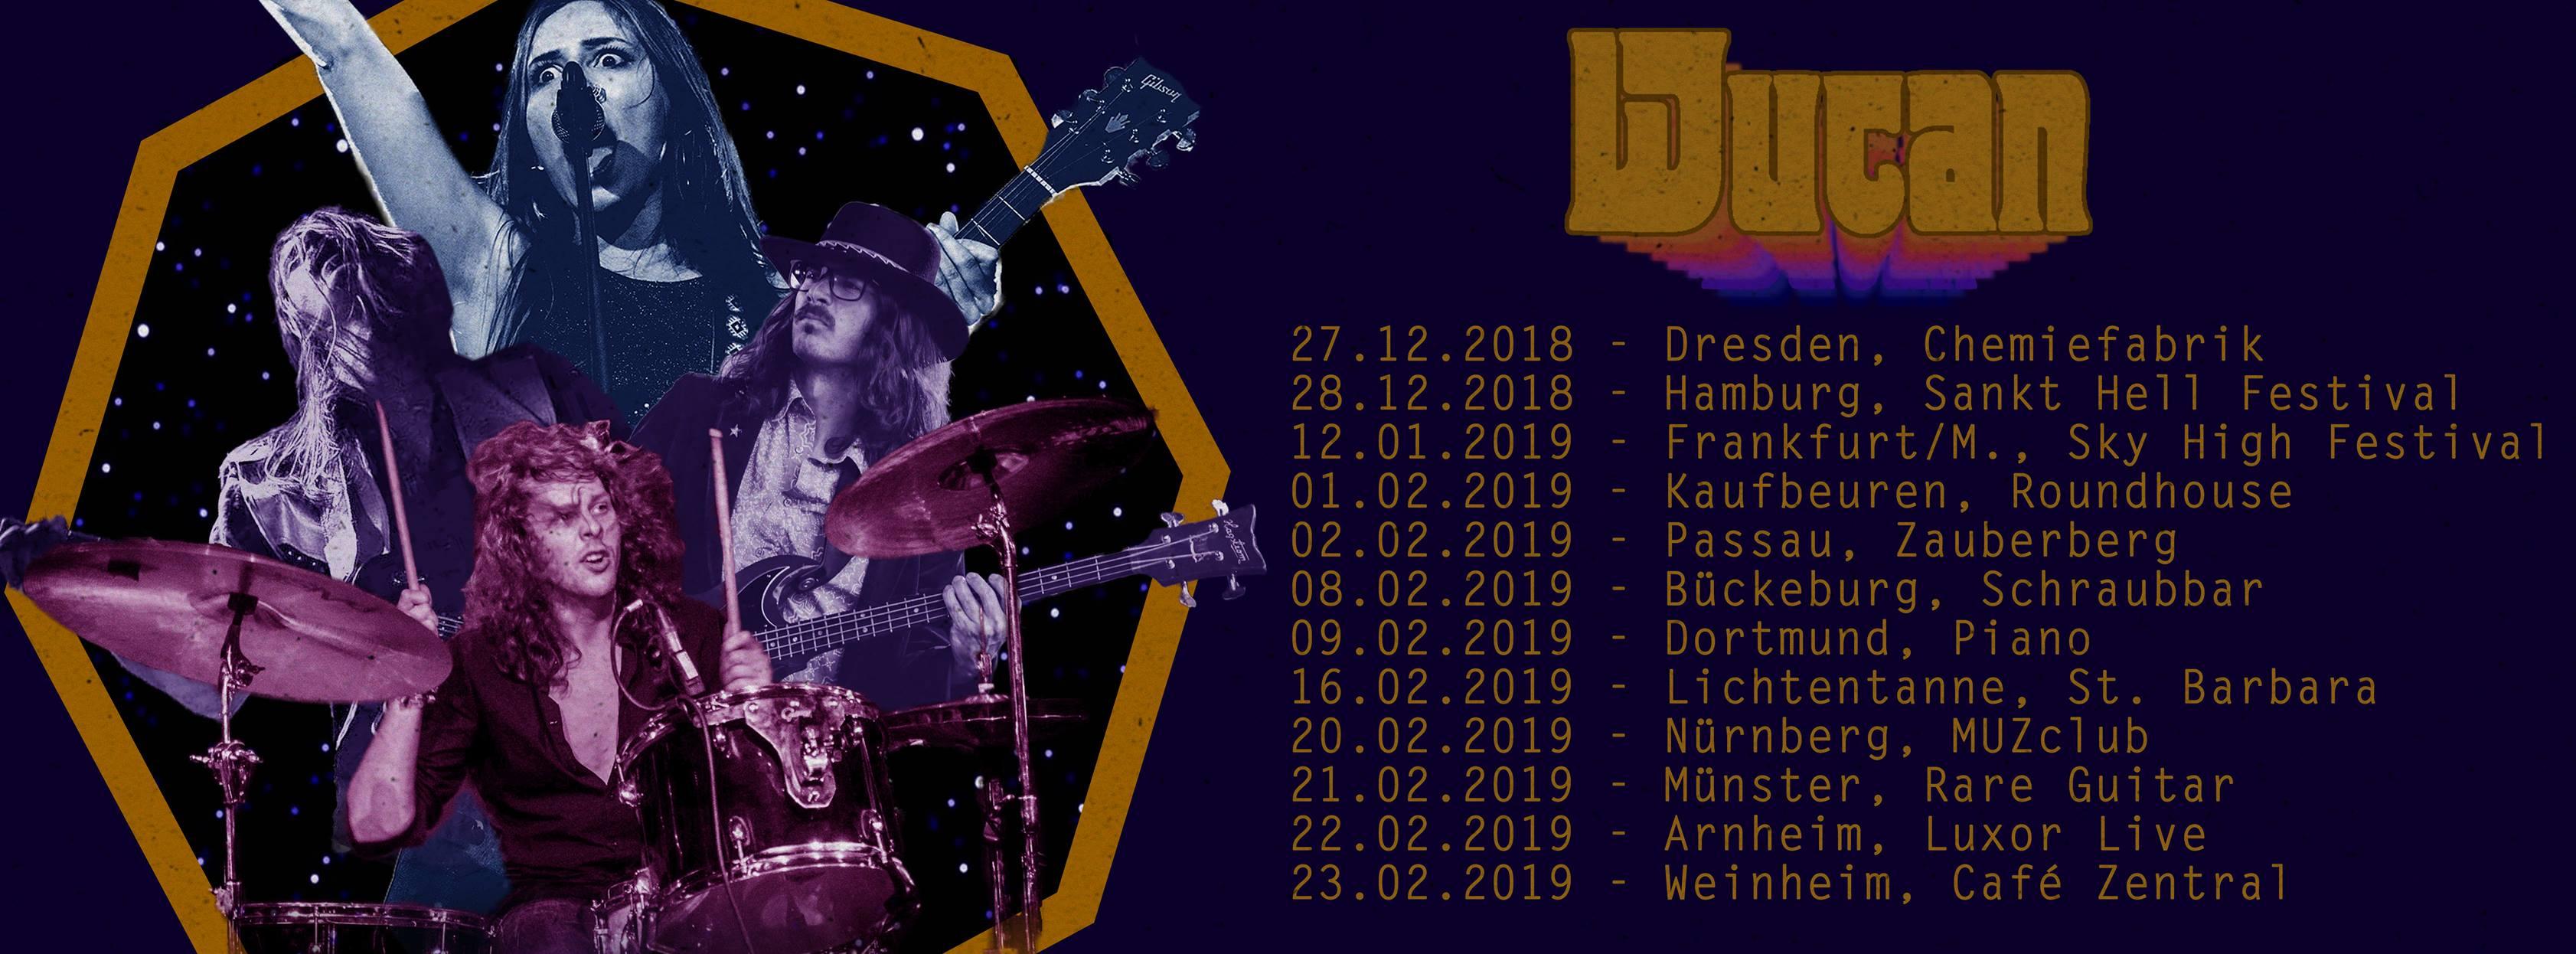 Bild: Wucan Tour 2019 Flyer